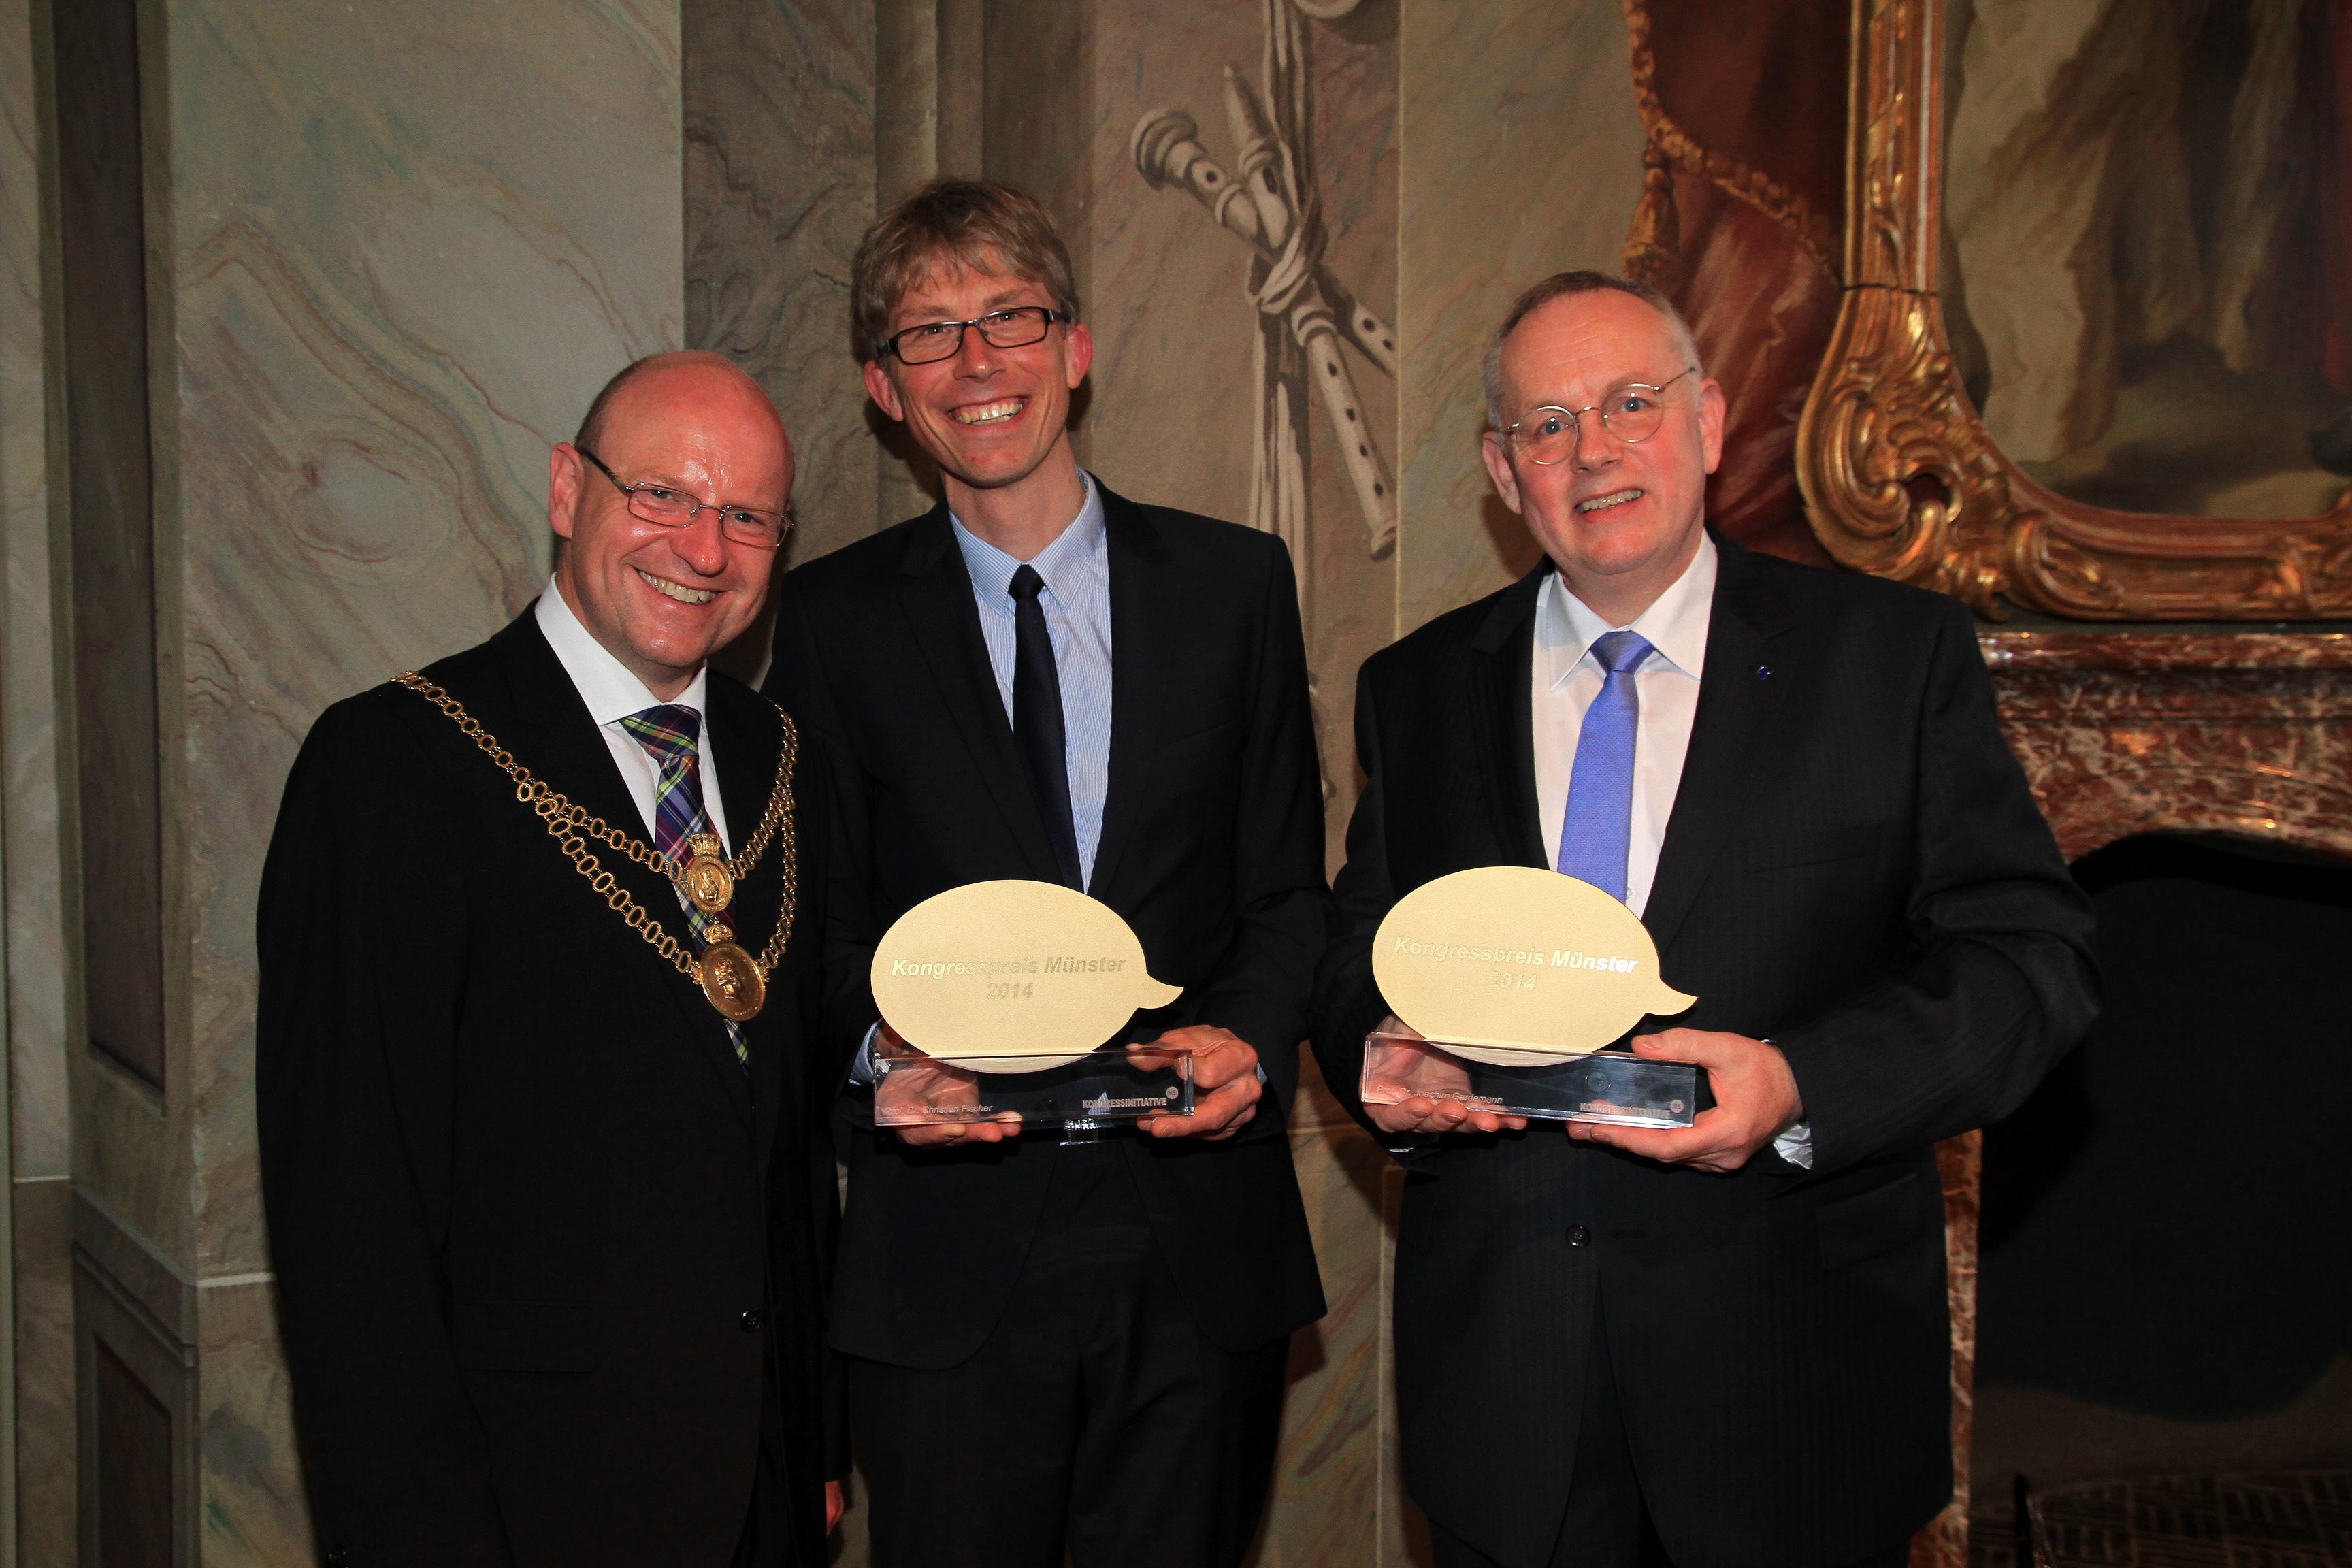 Oberbürgermeister Markus Lewe mit Prof. Dr. Christian Fischer und Prof. Dr. Joachim Gardemann (v.l.n.r.)